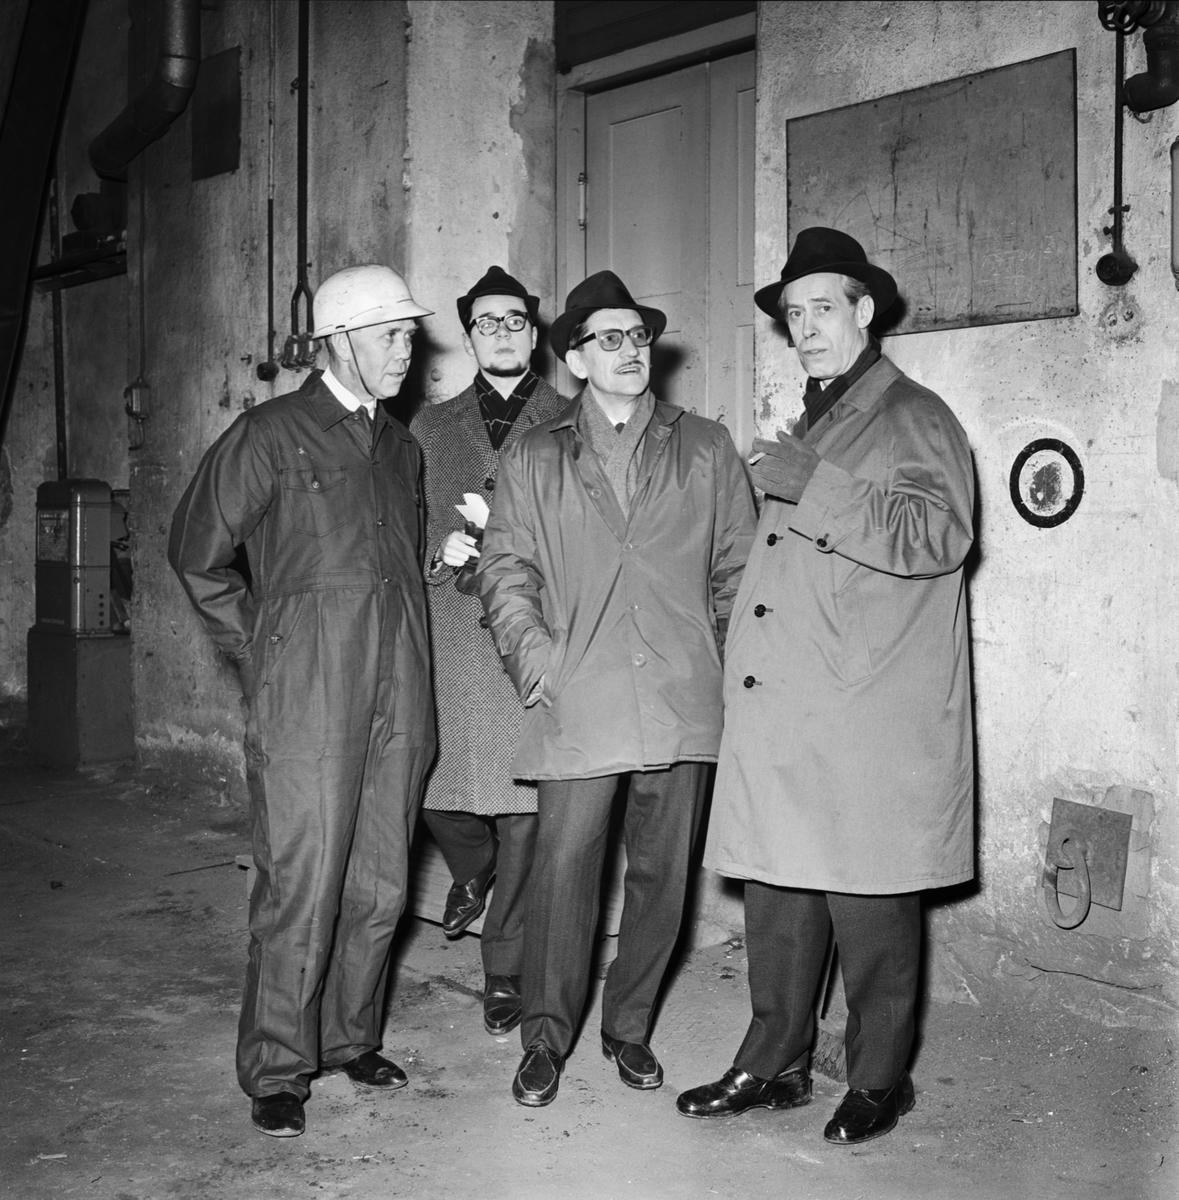 Övrigt: Foto datum: 20/2 1964 Verkstäder och personal. Direktör Eng, Ingenjör Persbeck i samband med tankbåten byggnad. Närmast identisk bild: V28503 och V28504, ej skannade